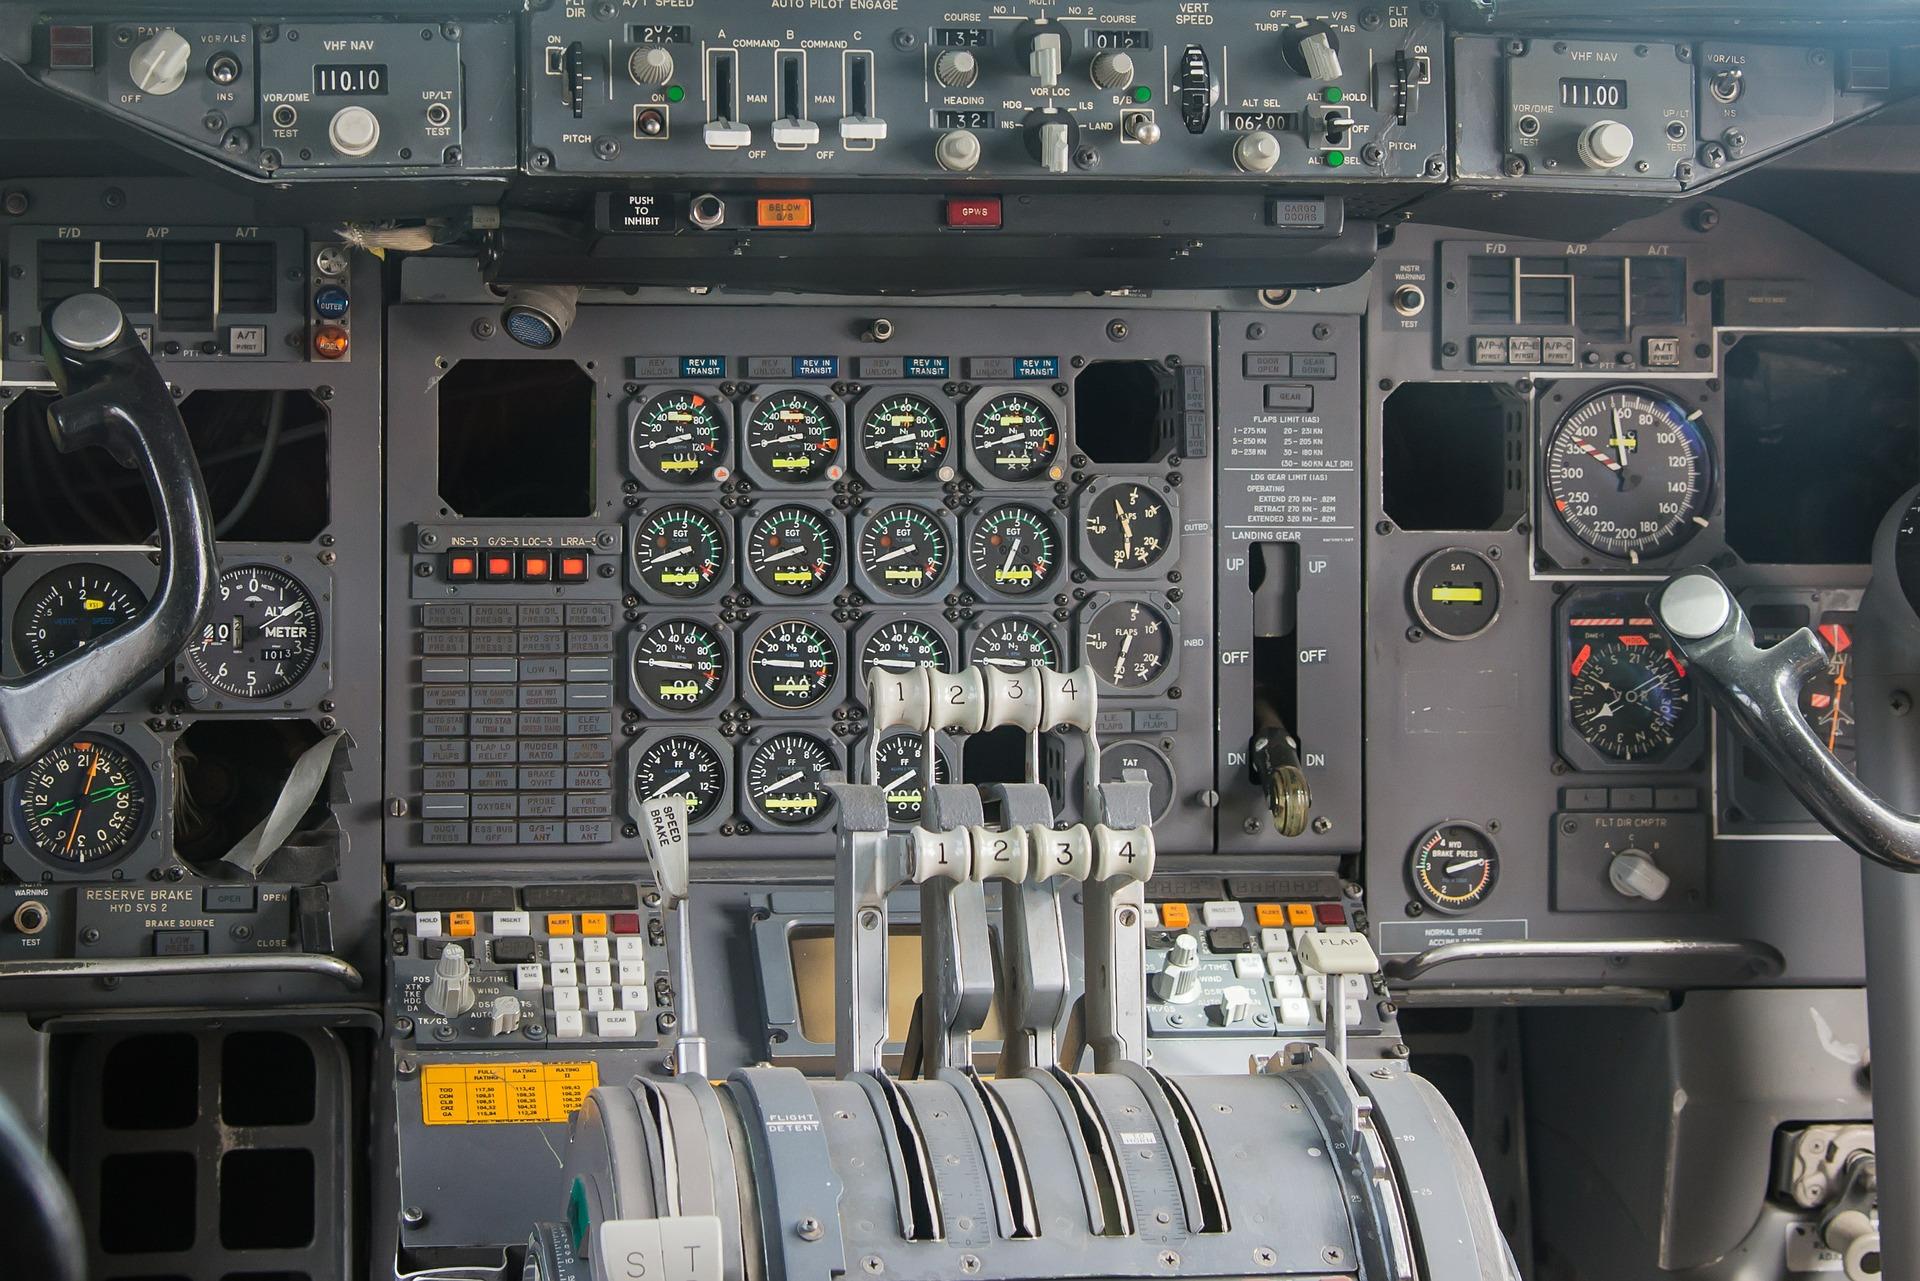 plane, cockpit, aviation slang, pilot lingo, aircraft,